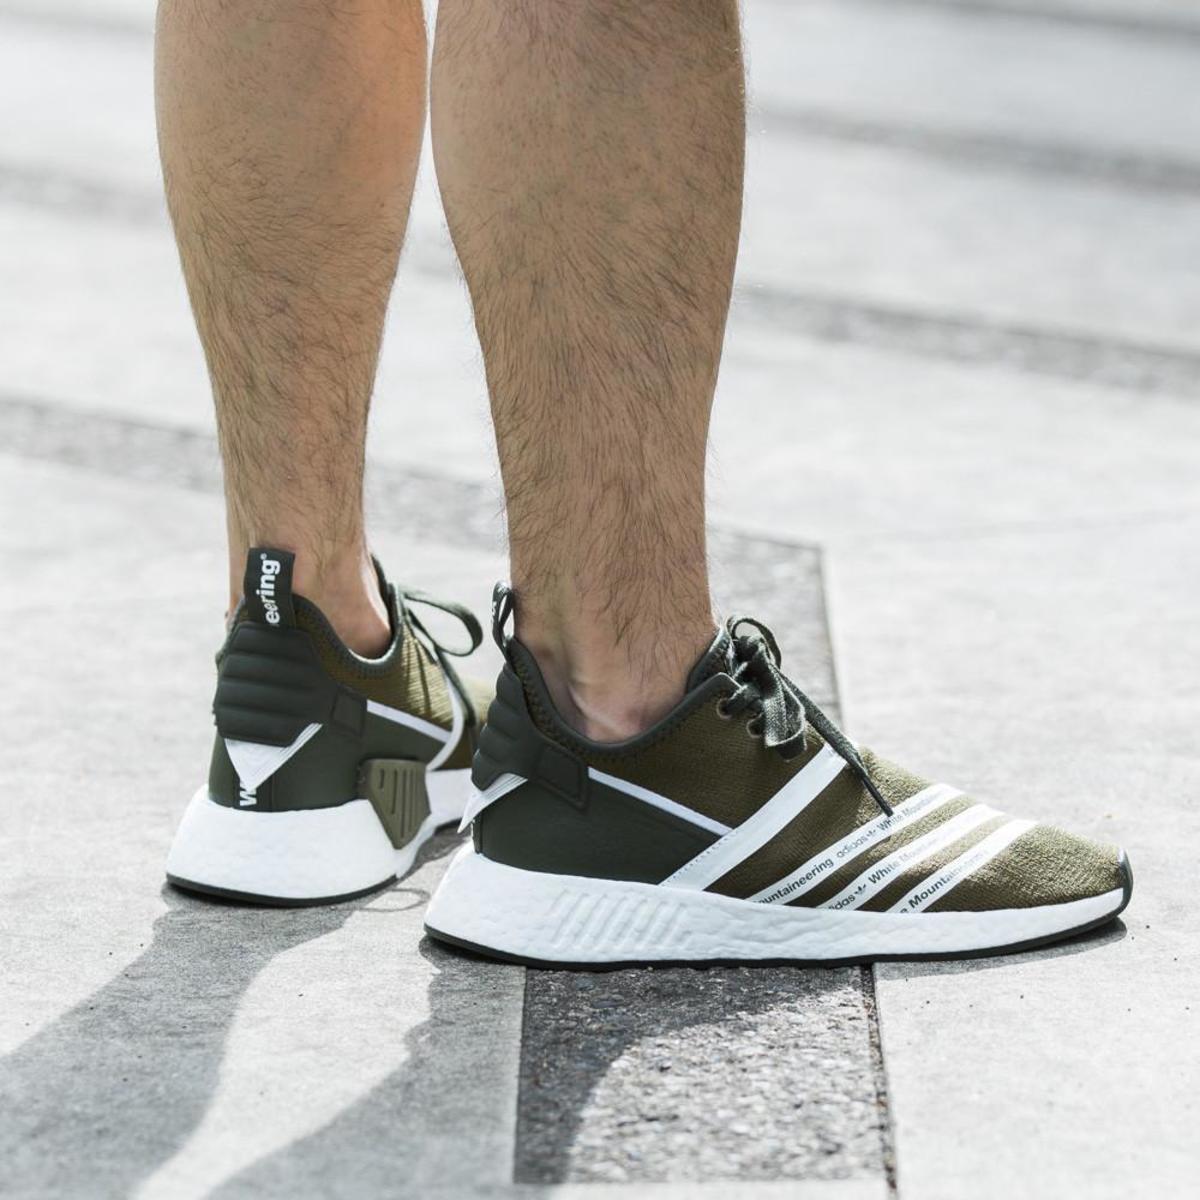 Adidas originali da white alpinismo nmd r2 primeknit / traccia